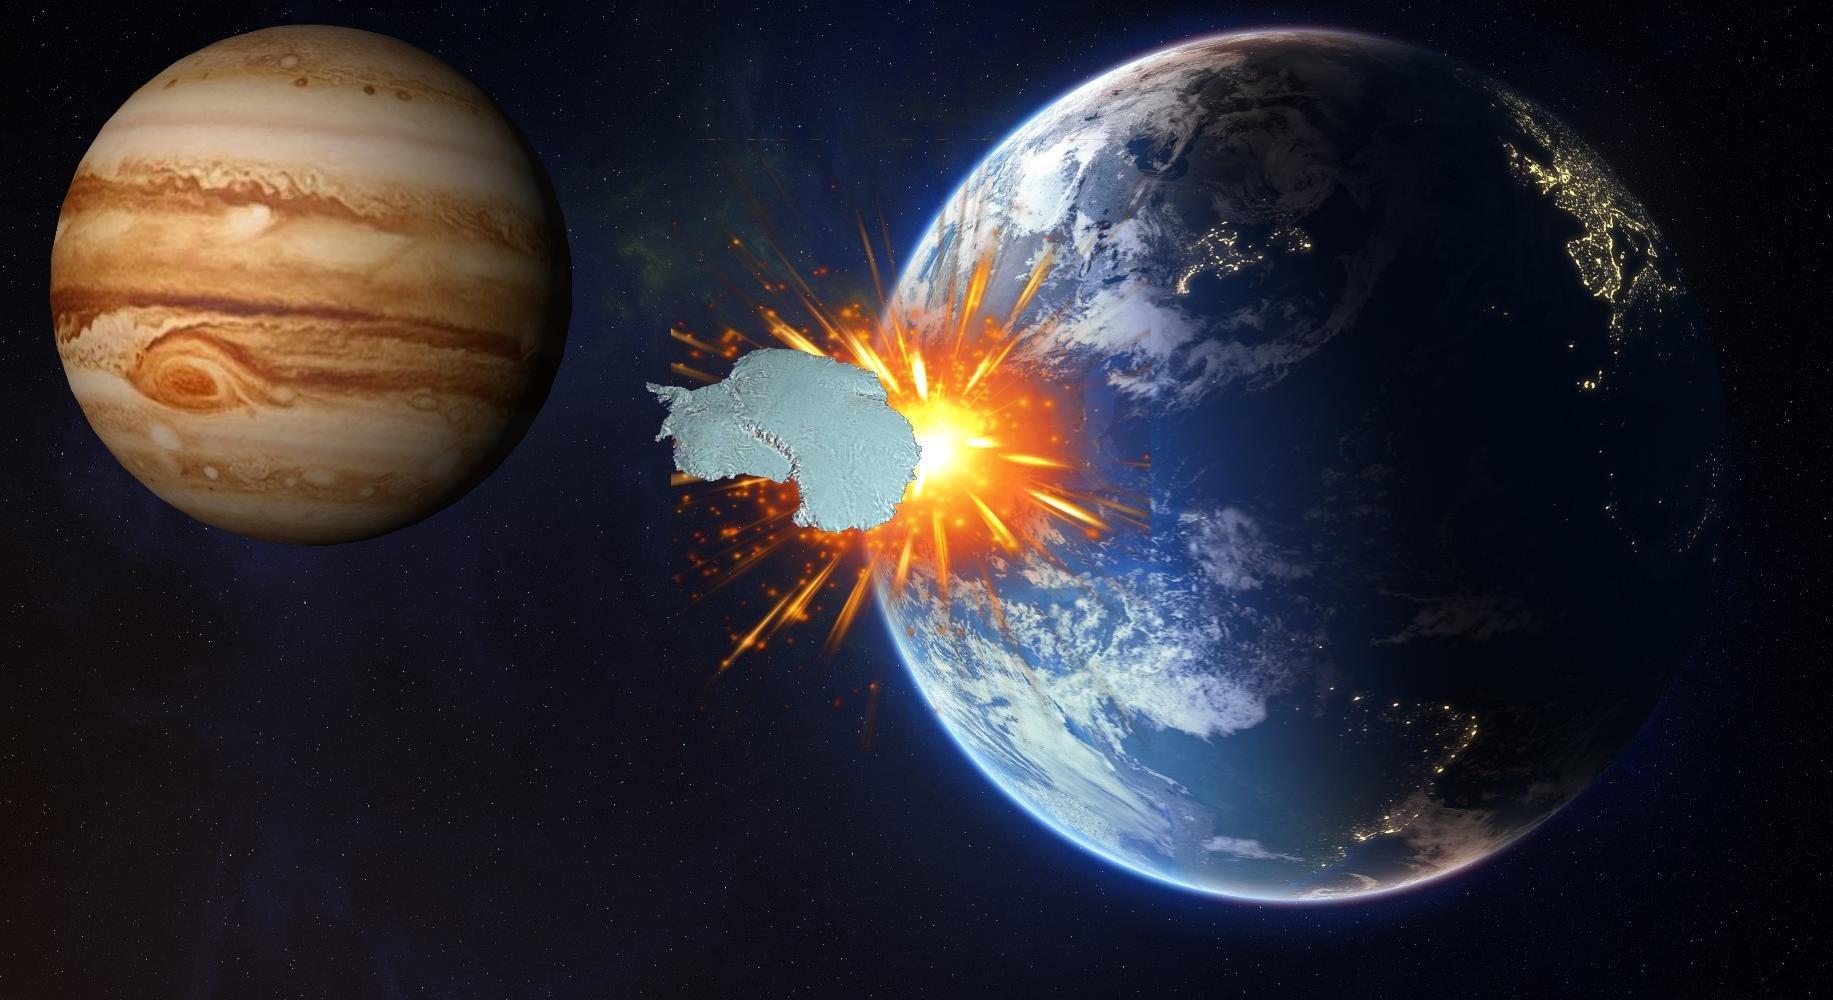 Фото космос марс юпитер ездил стиде